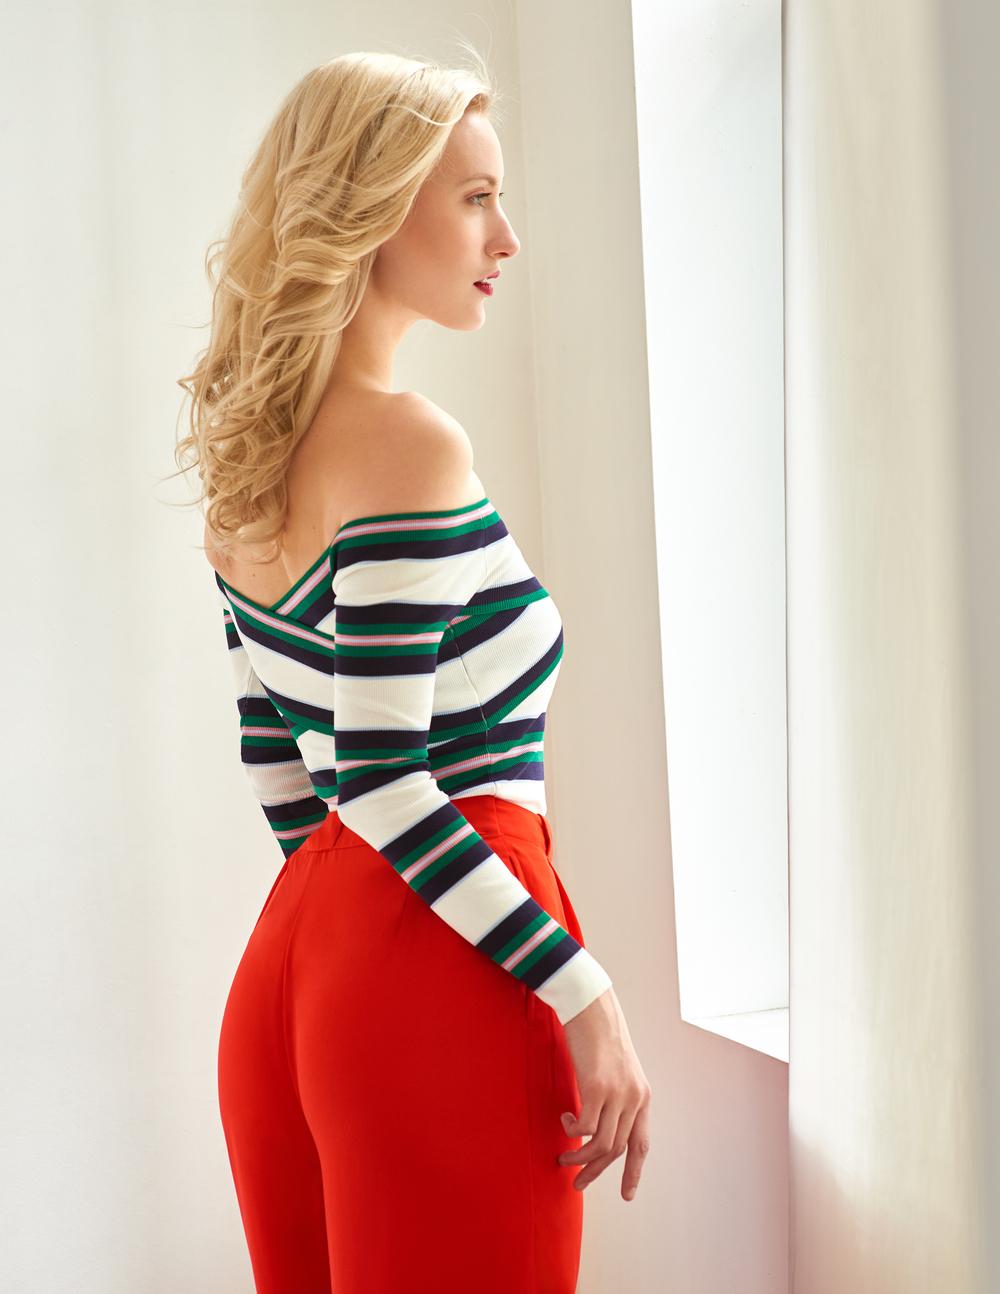 nina-ottolino-modelogic-midwest-chicago-fashion-photographer